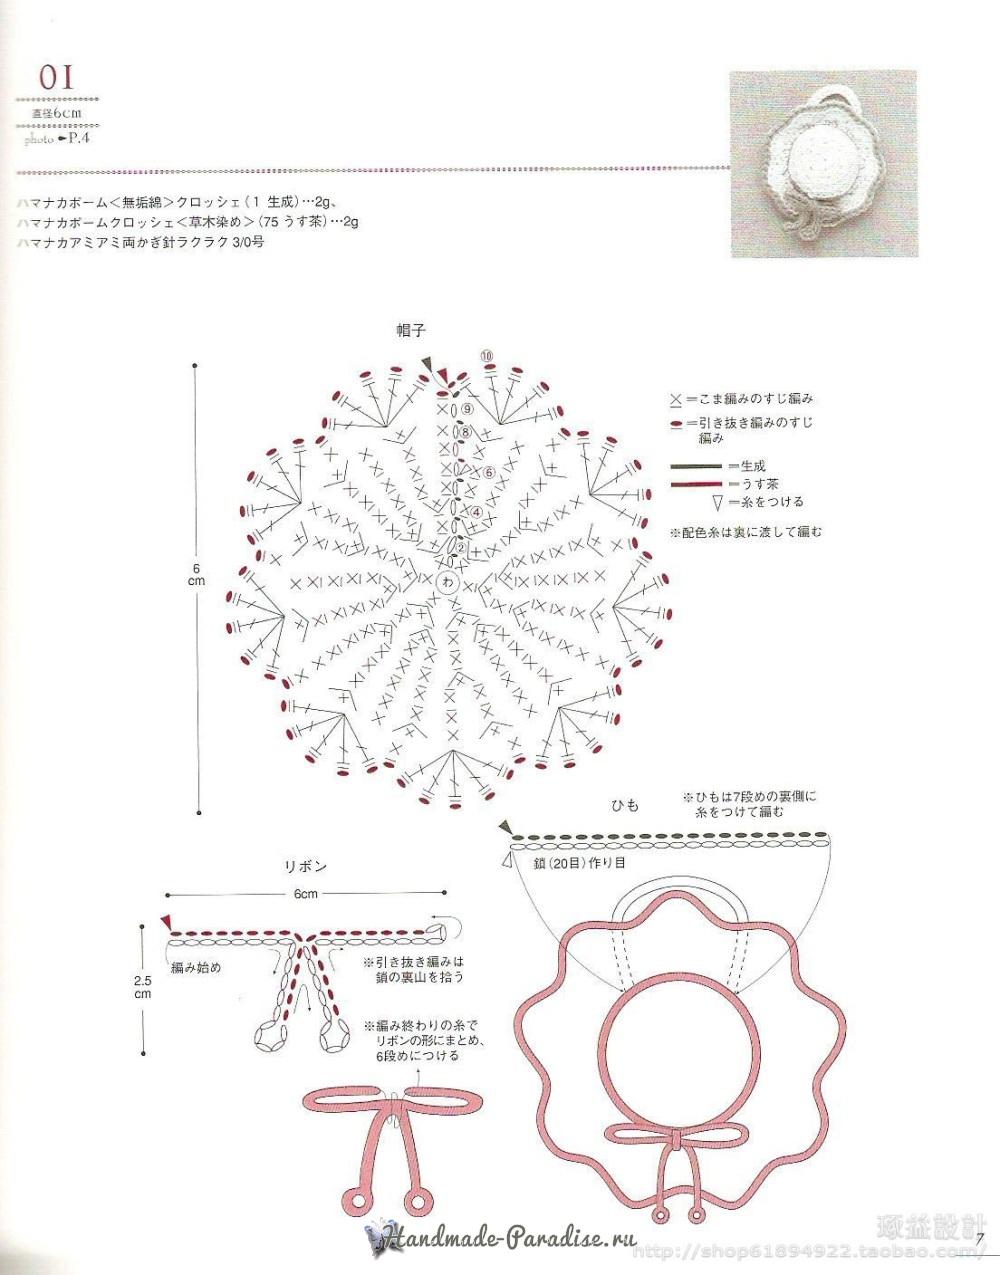 Вязание сумок из полиэтиленовой пряжи. Японский журнал (6)